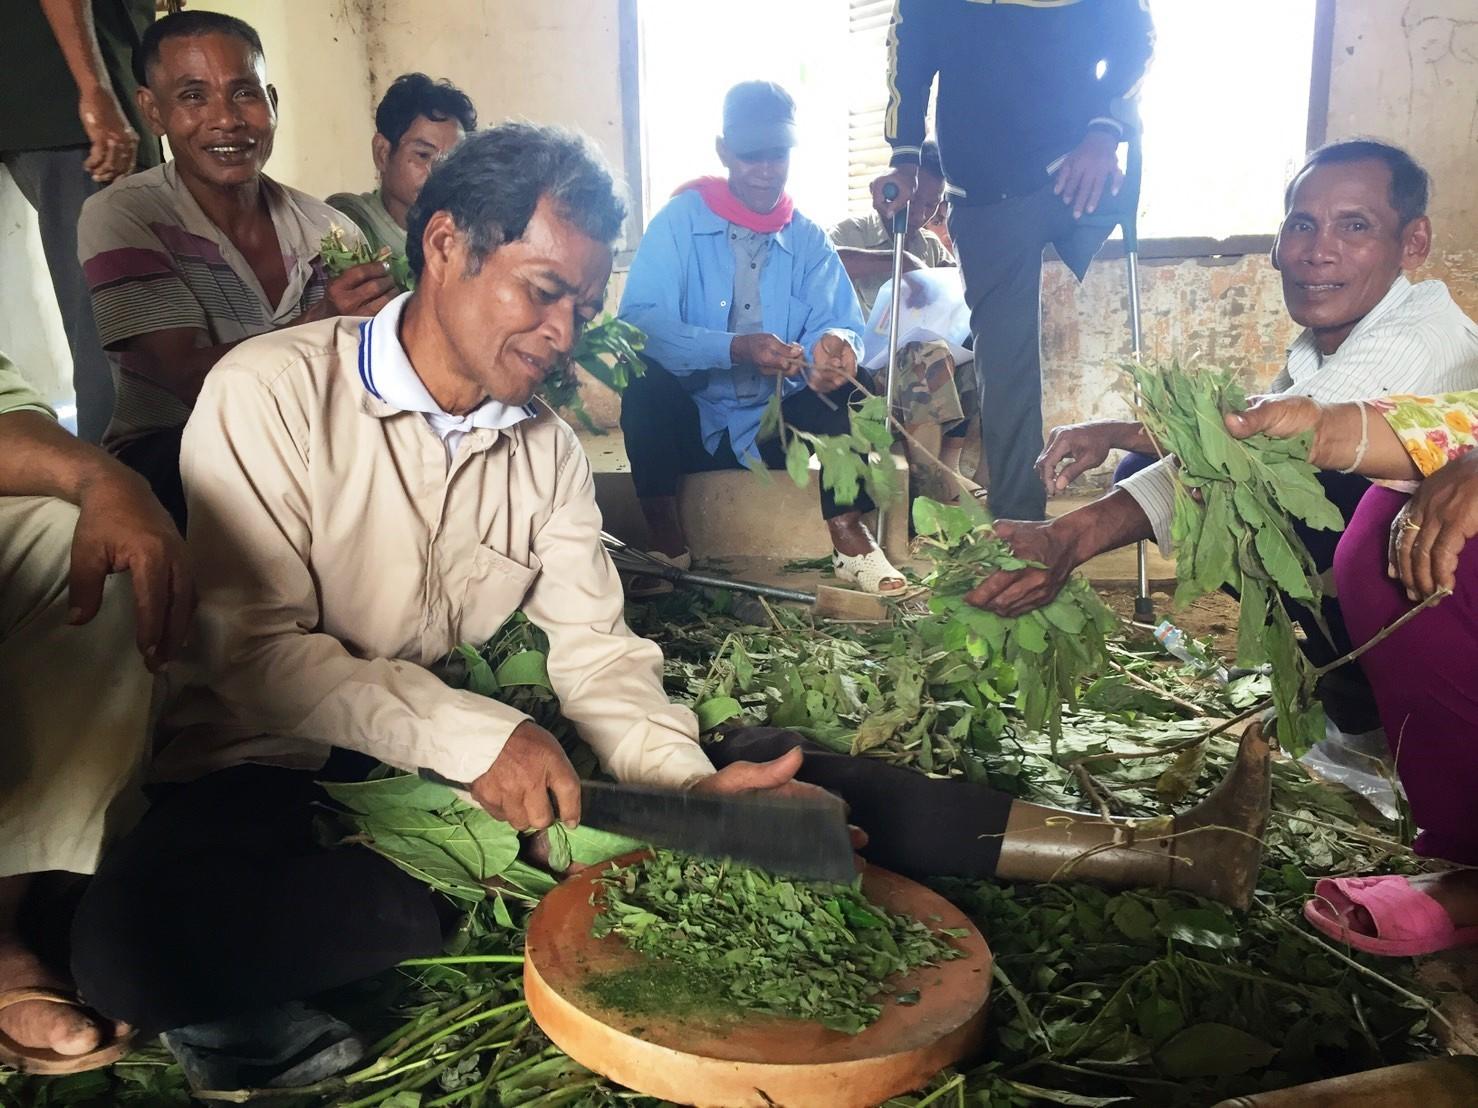 自然農薬作りのために薬草を刻む地雷被害者